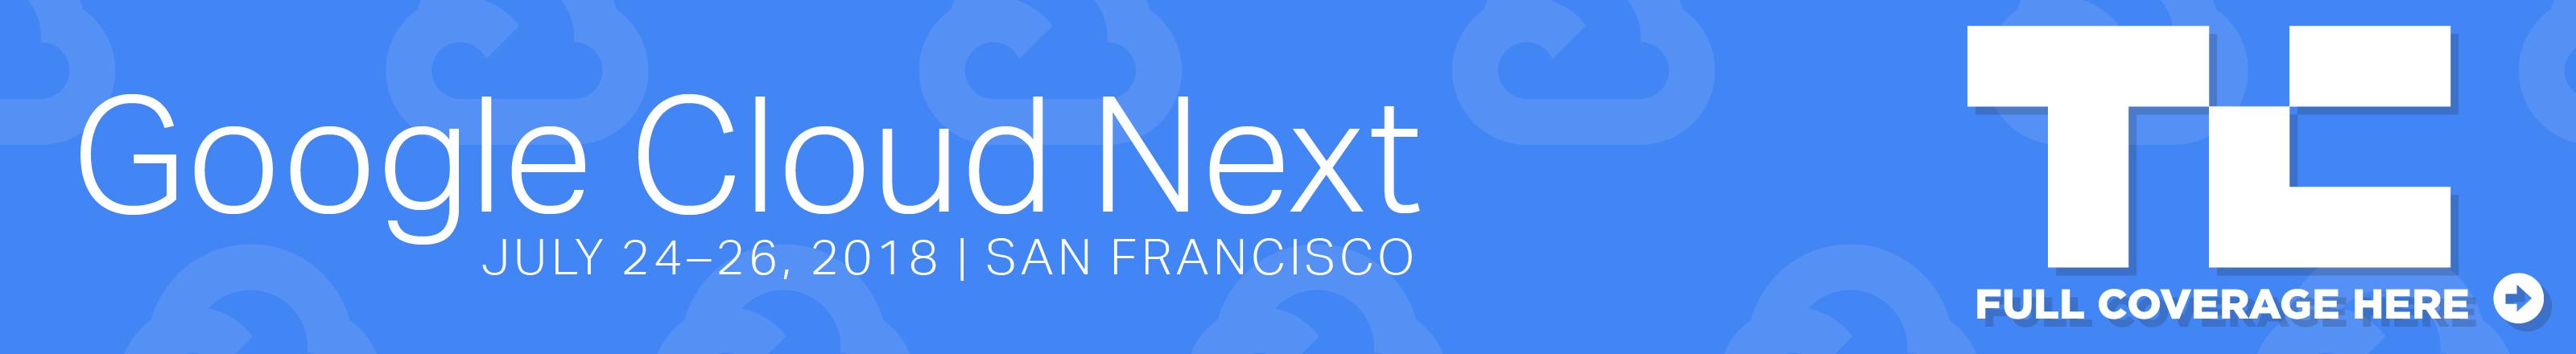 google cloud next 2018 banner 1